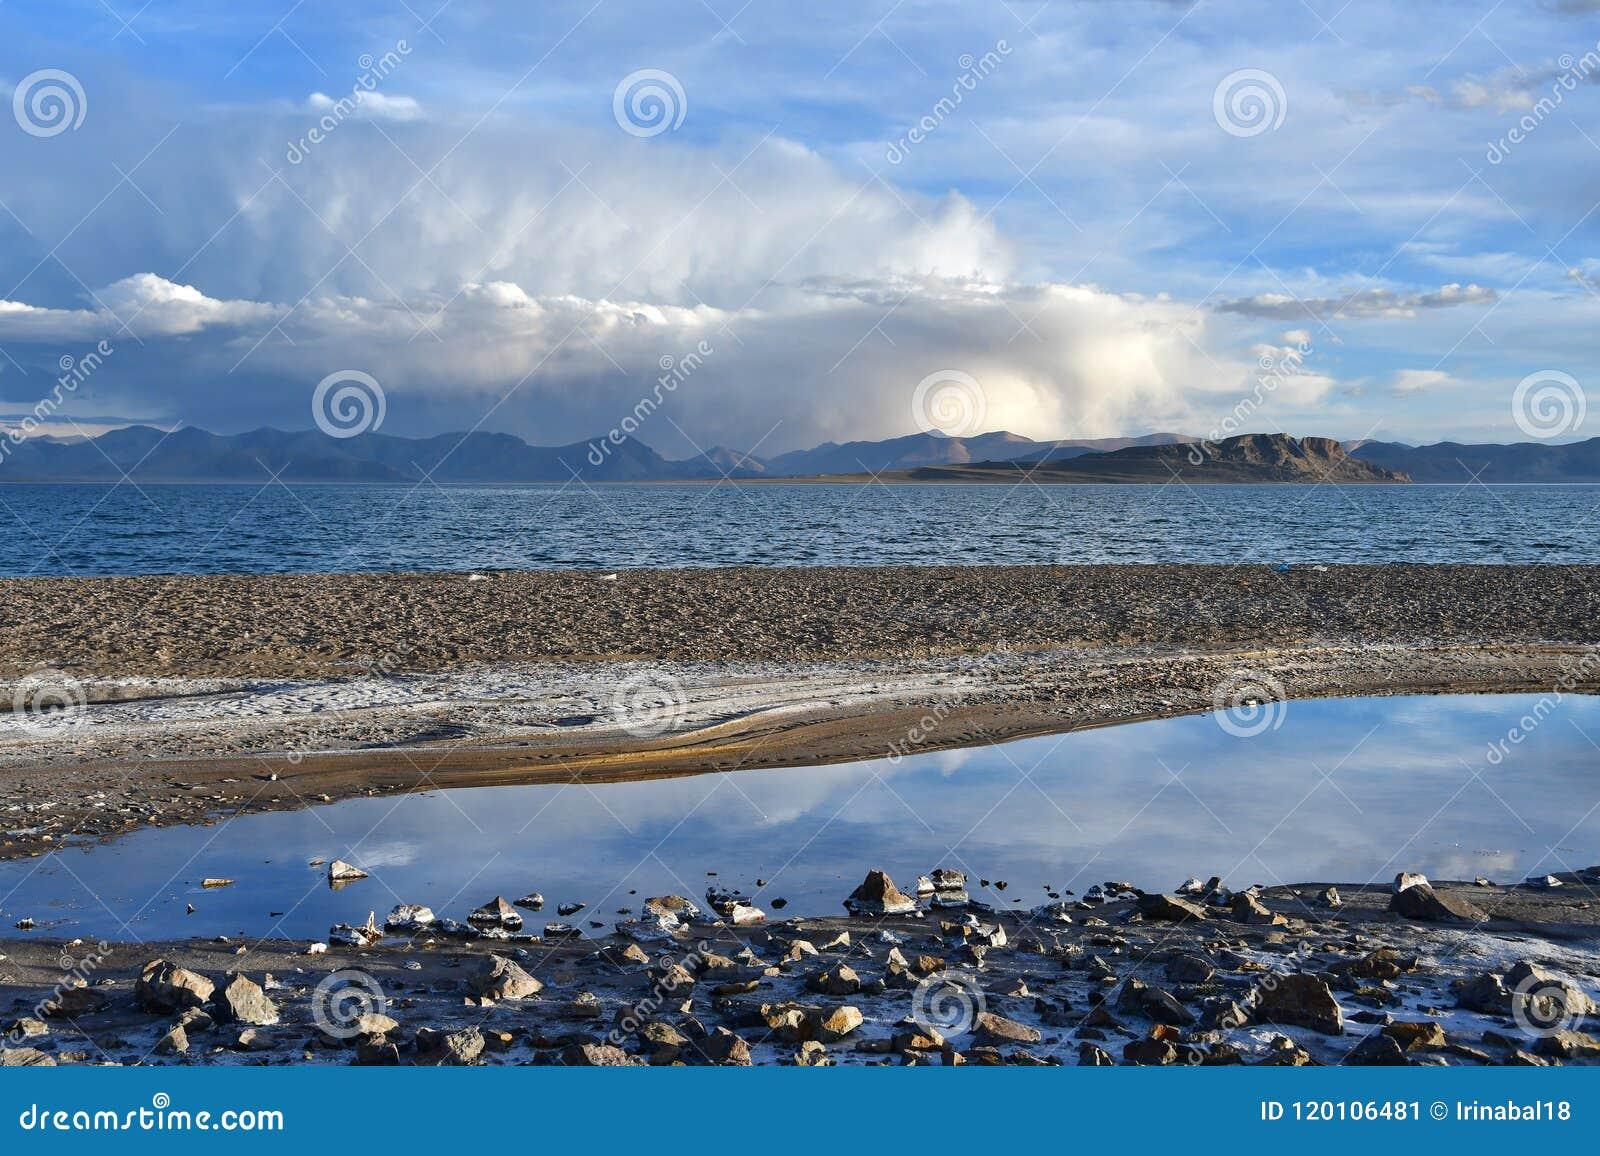 中国 西藏的大湖 湖泰瑞塔西纳木错在夏天晚上在多云天空下